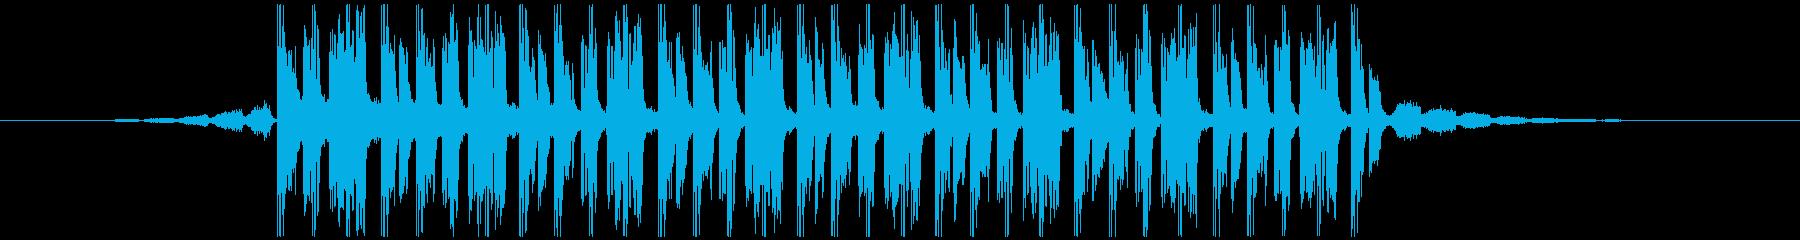 ラグジュアリーファッション(26秒)の再生済みの波形